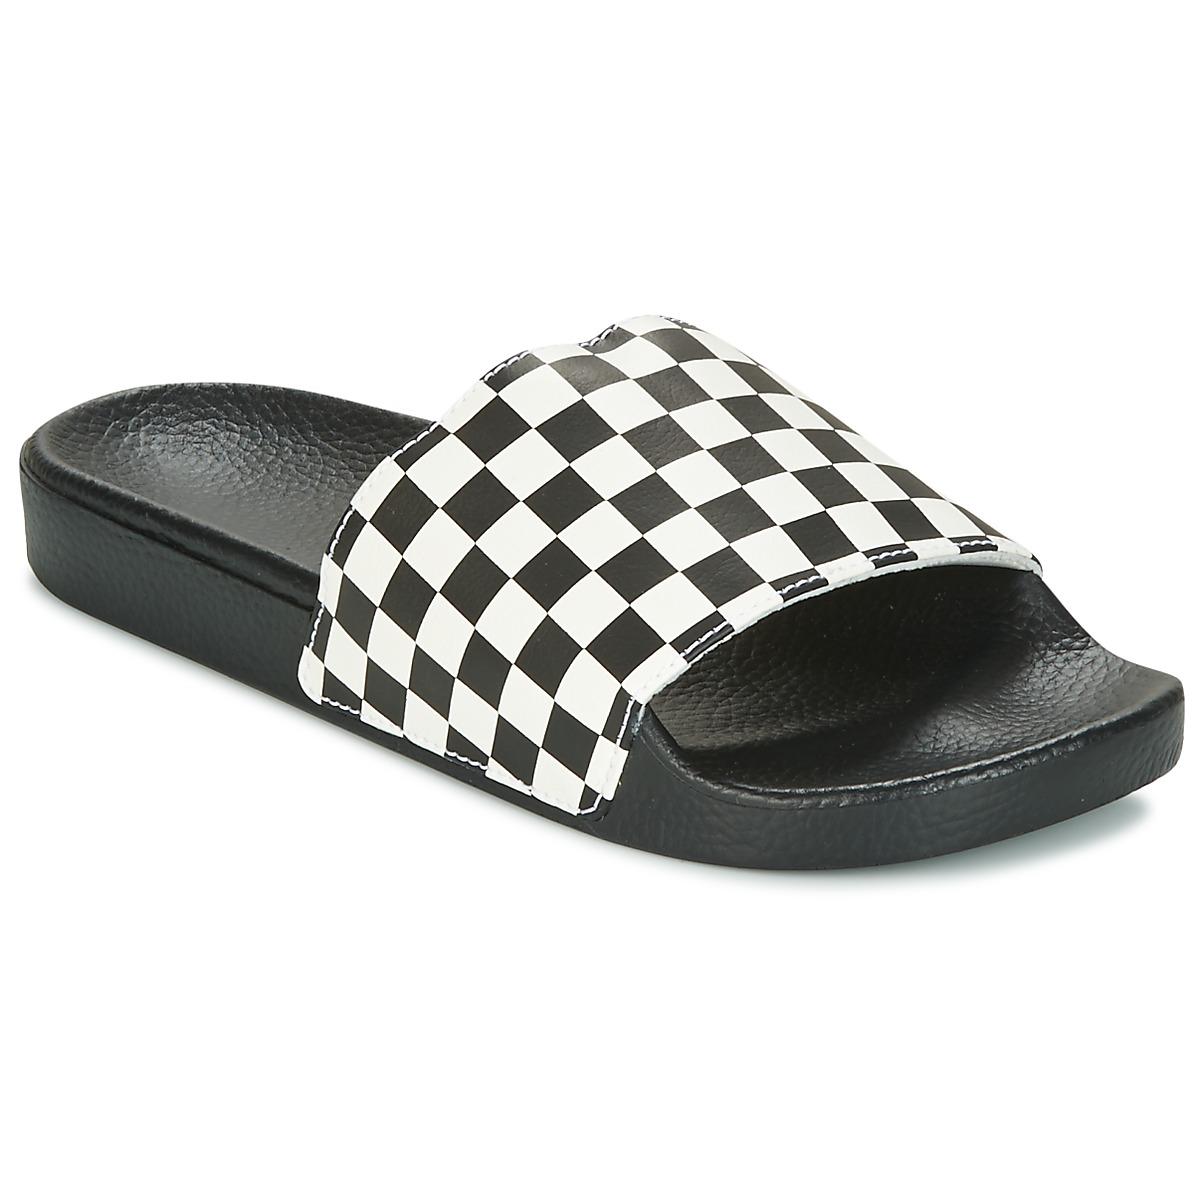 Vans MN SLIDE-ON Schwarz - Kostenloser Versand bei Spartoode ! - Schuhe Pantoffel Herren 28,00 €